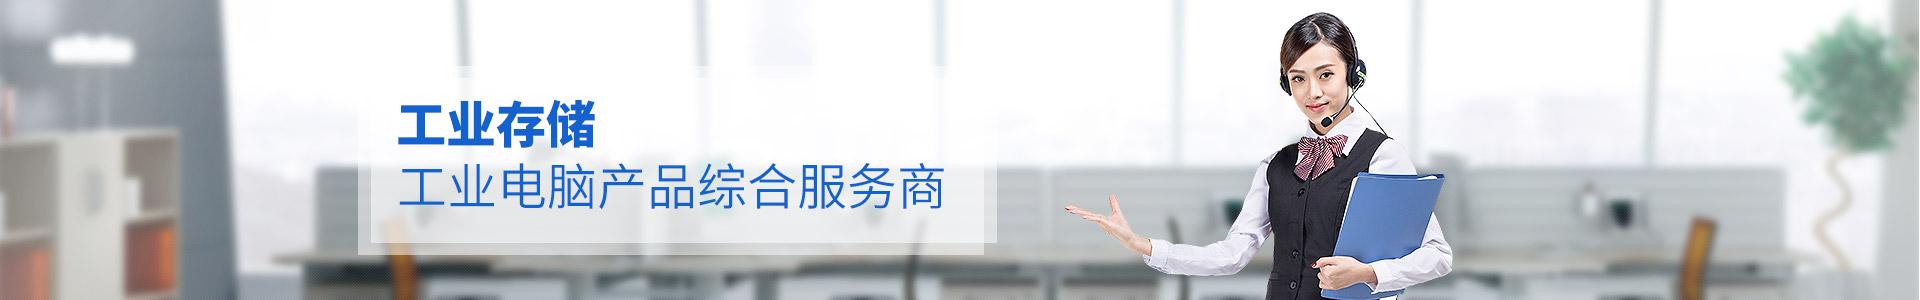 联乐实业--工业存储、工业电脑产品综合服务商